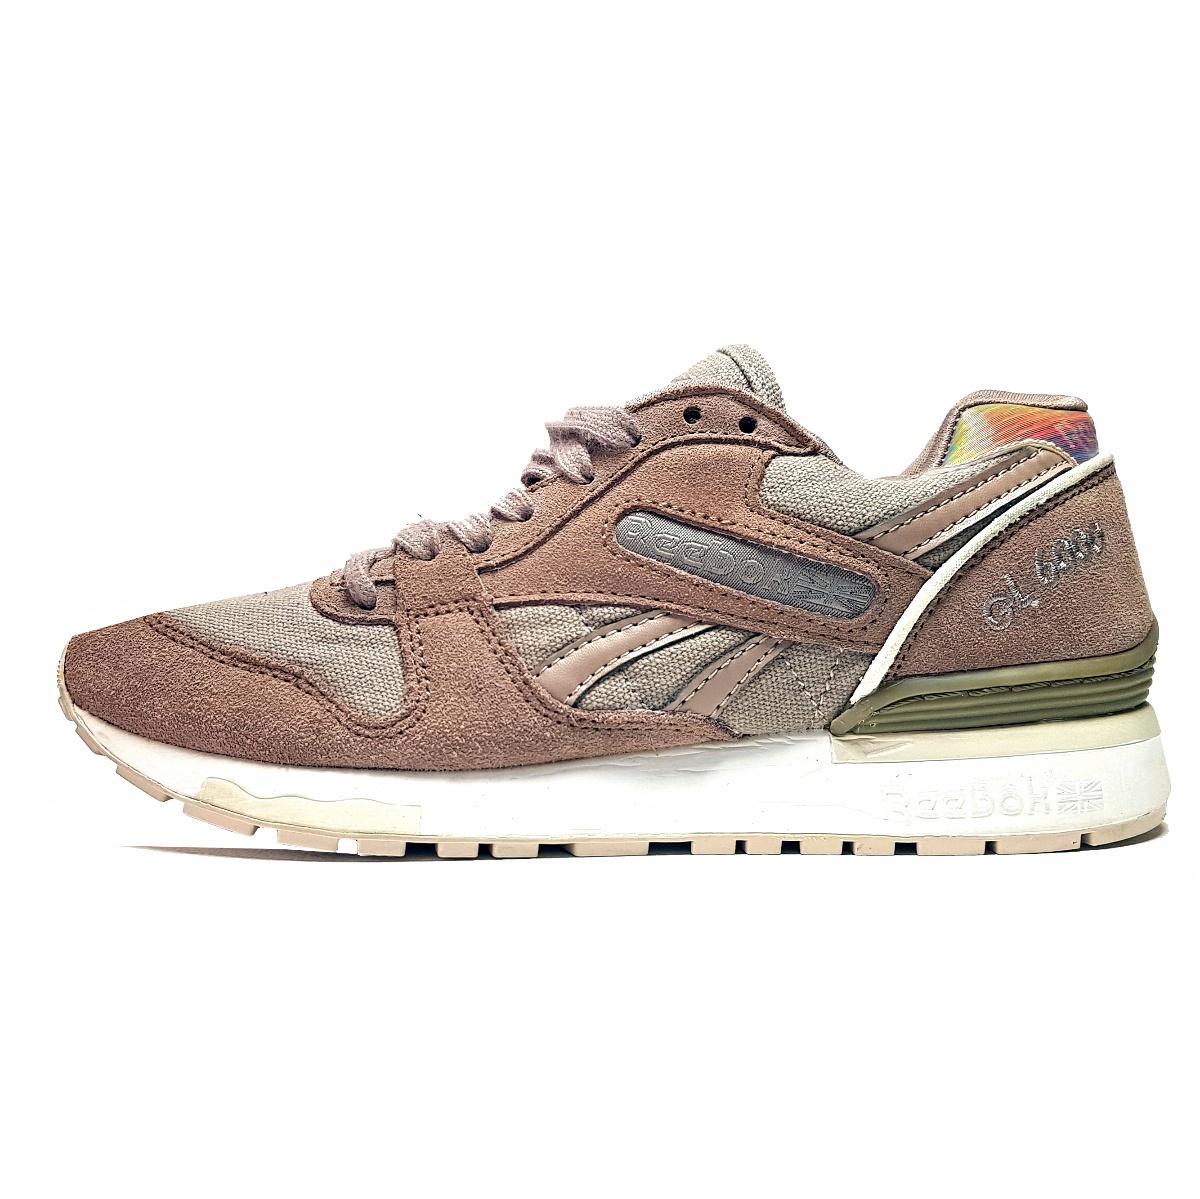 کفش مخصوص پیاده روی زنانه  مدل GL 6000 Transform کد V69803